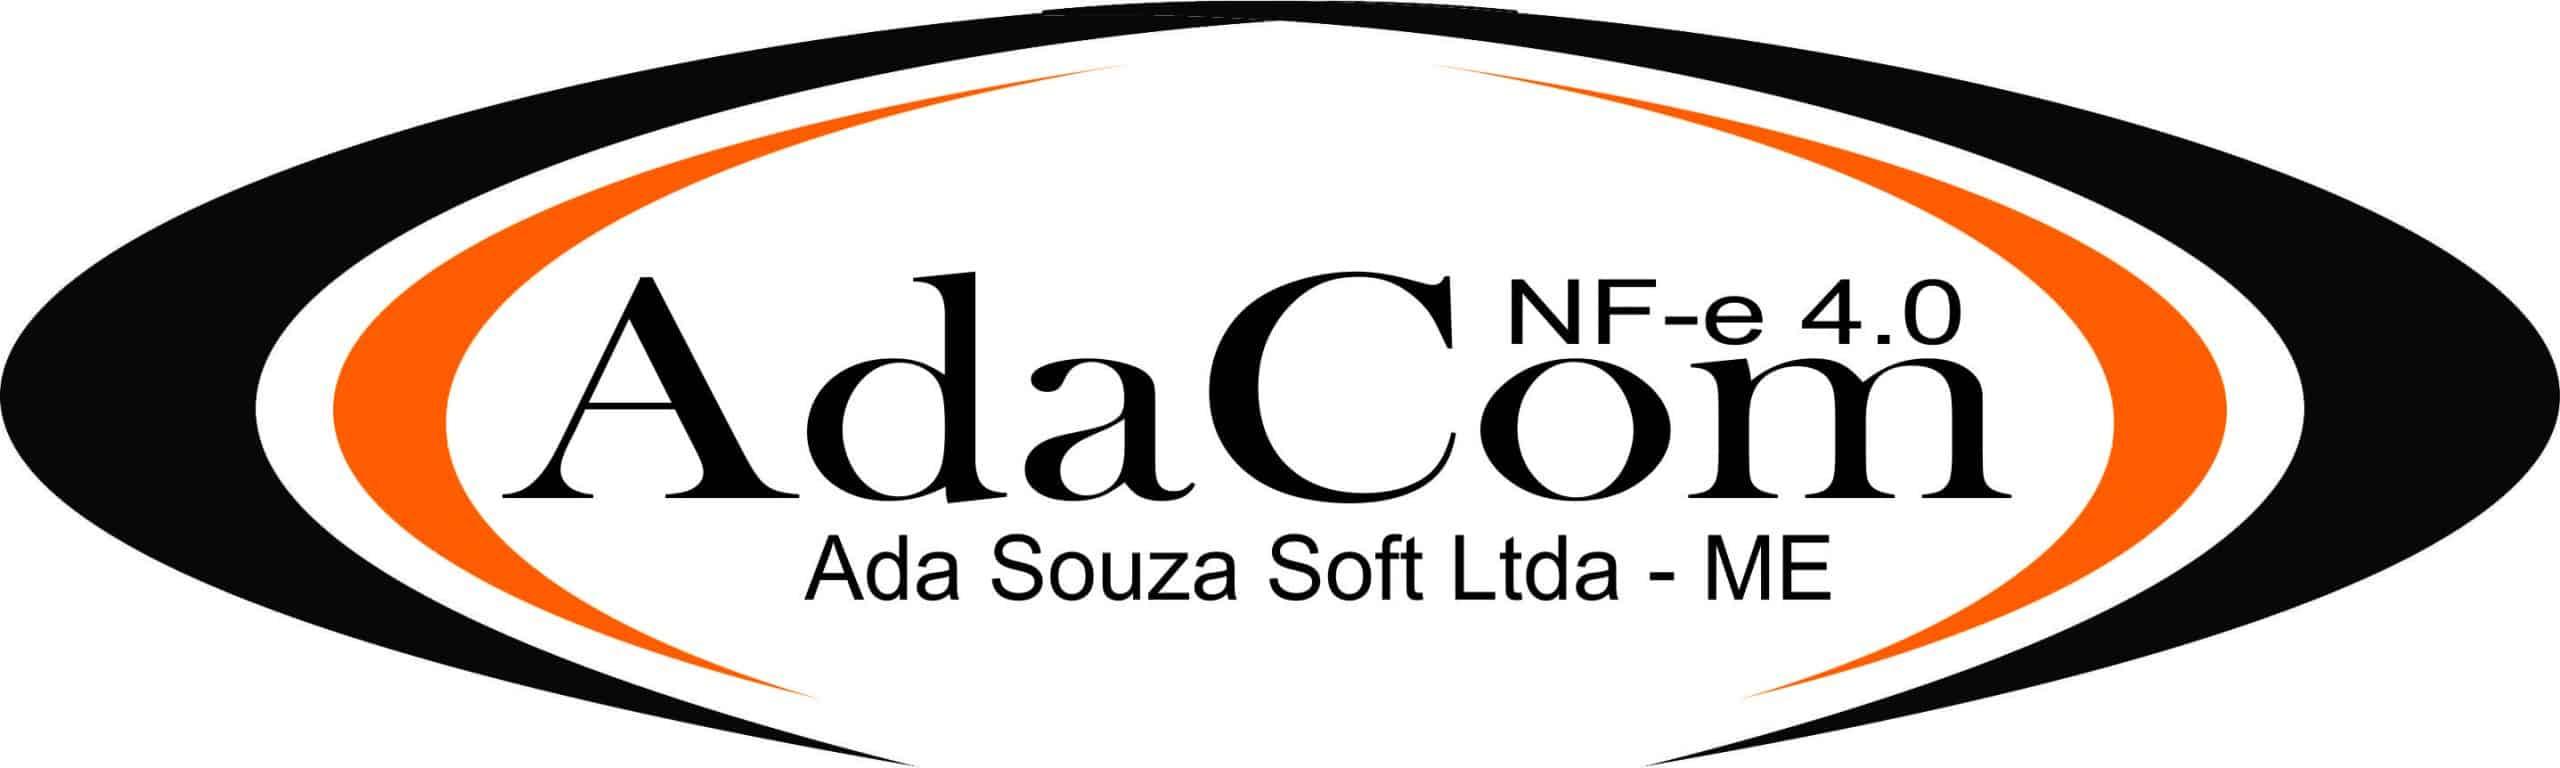 adacom - Automação Comercial - NF-e 4.0